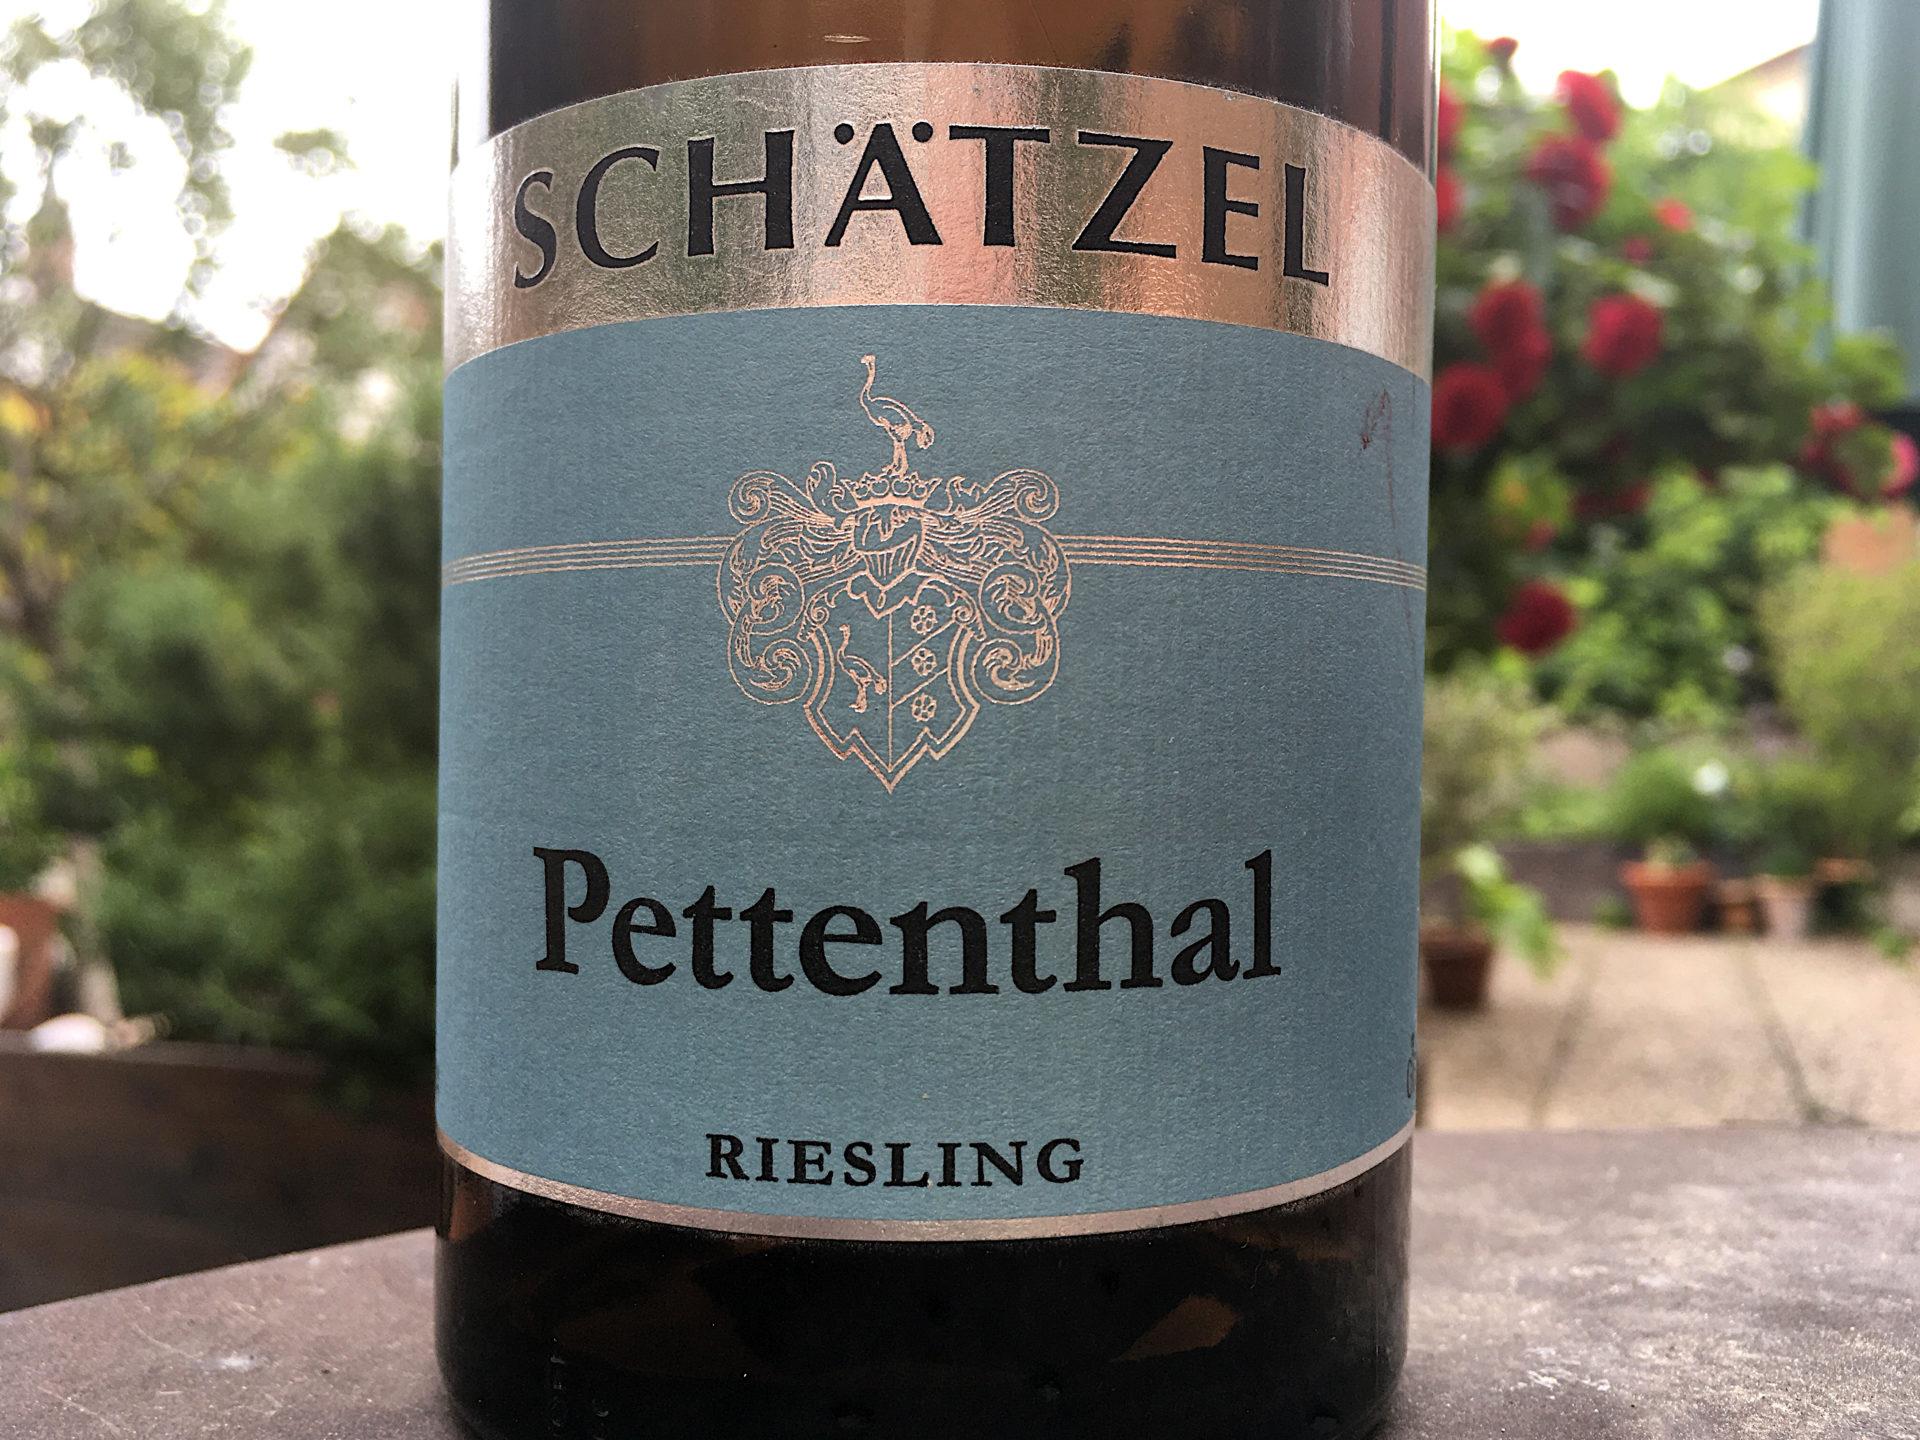 Weingut Schätzel – Pettenthal Riesling Großes Gewächs 2014